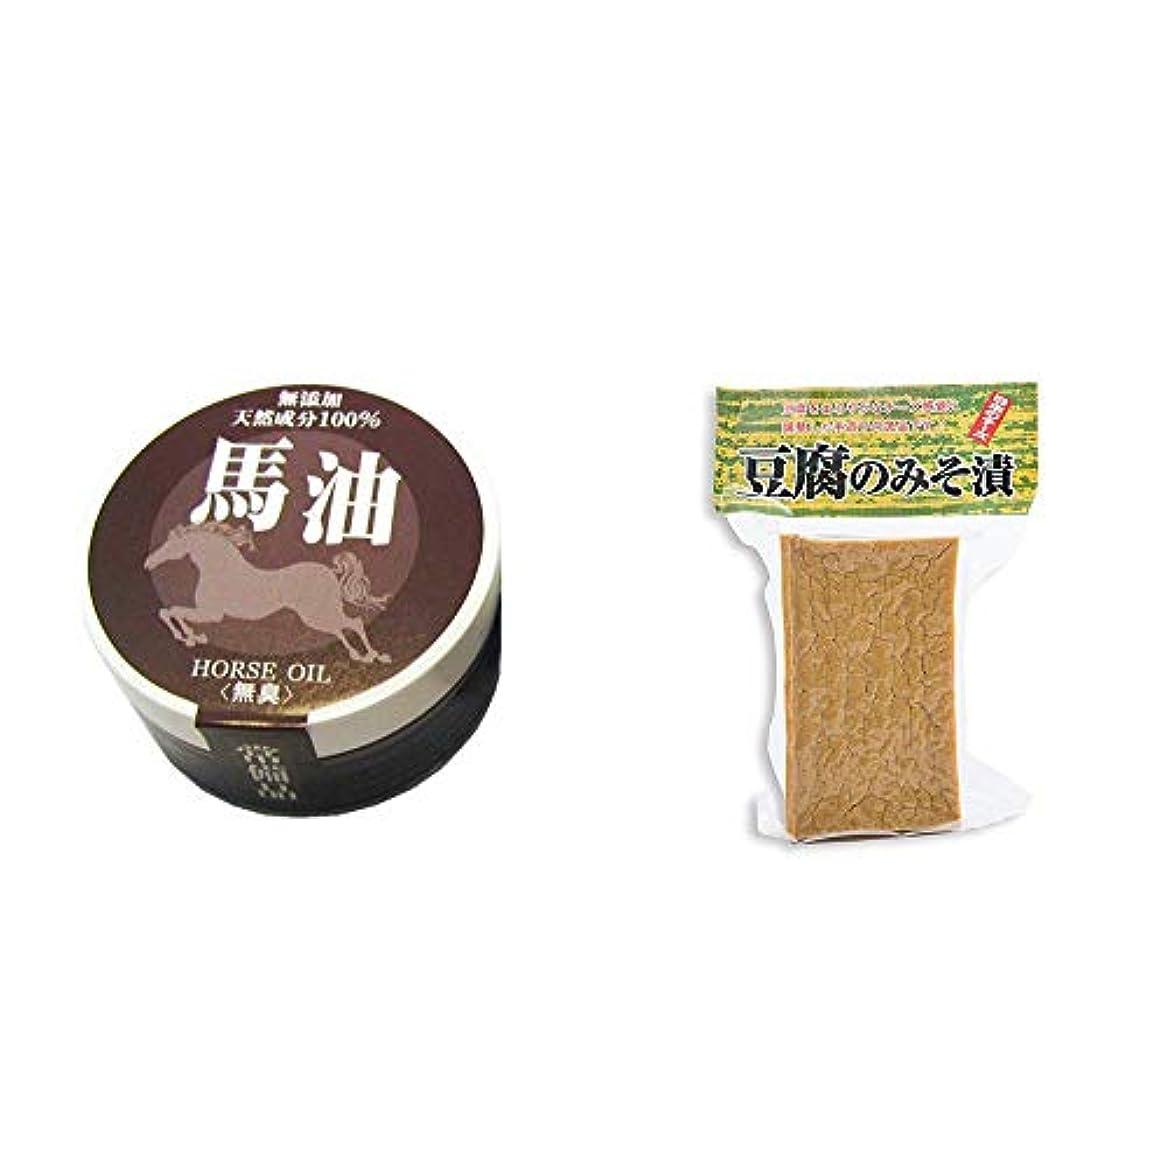 カタログカタログ永久に[2点セット] 無添加天然成分100% 馬油[無香料](38g)?日本のチーズ 豆腐のみそ漬(1個入)